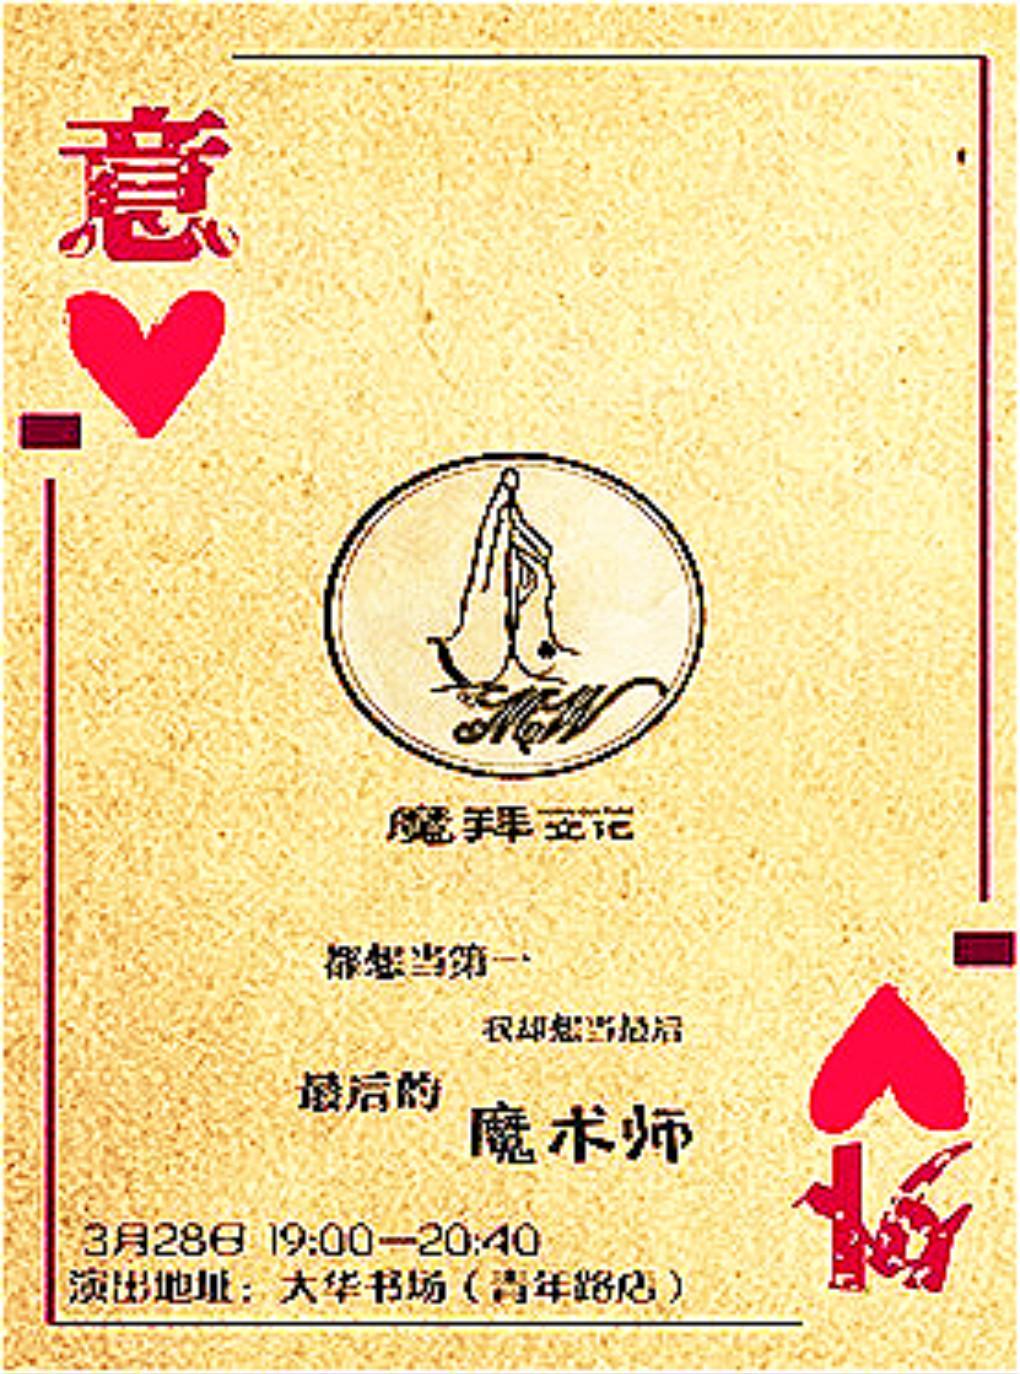 【杭州】魔术专场(大华书场)